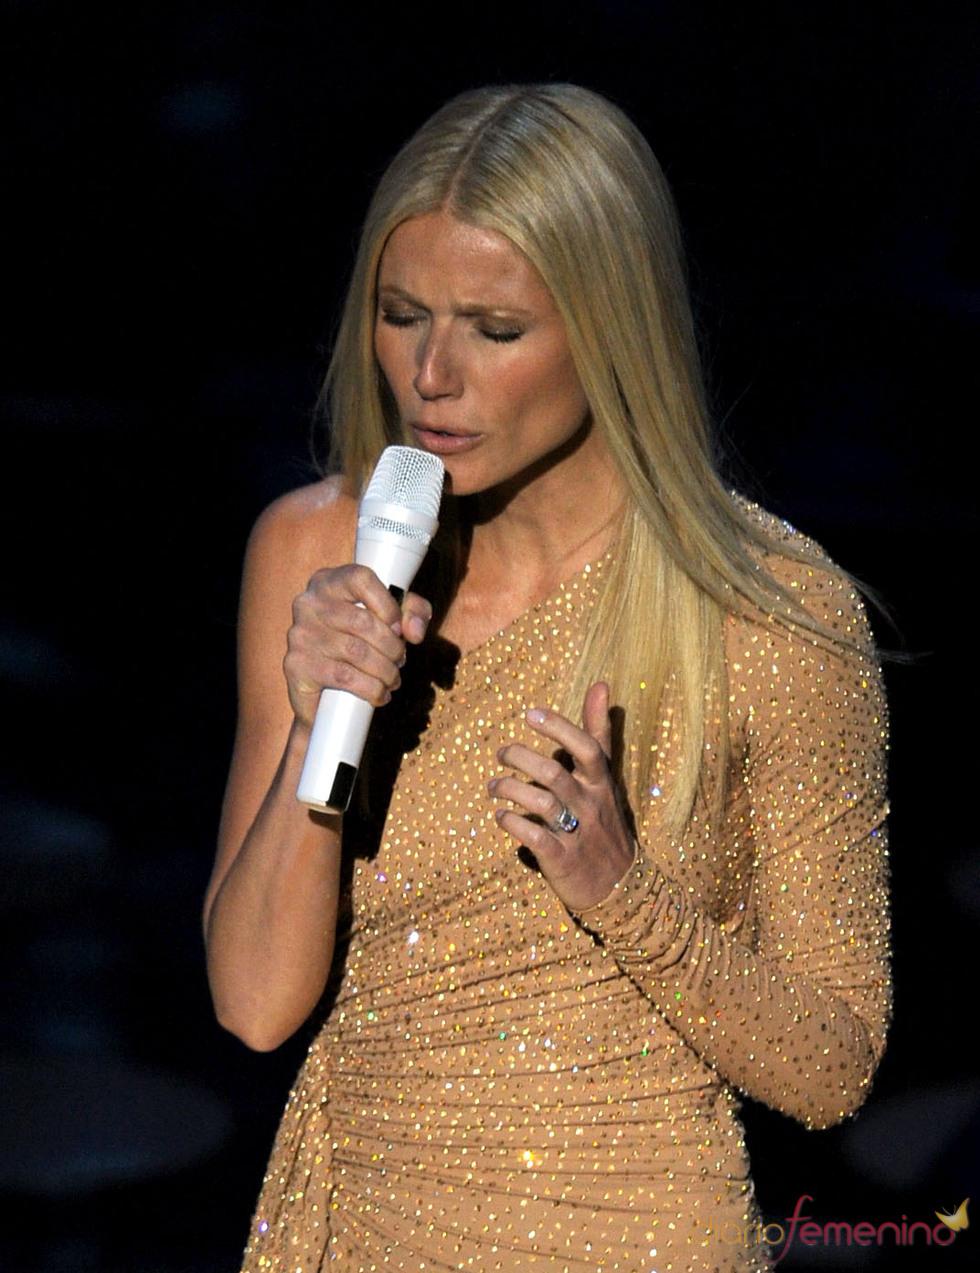 Gwyneth Paltrow canta en la ceremonia de los Oscar 2011